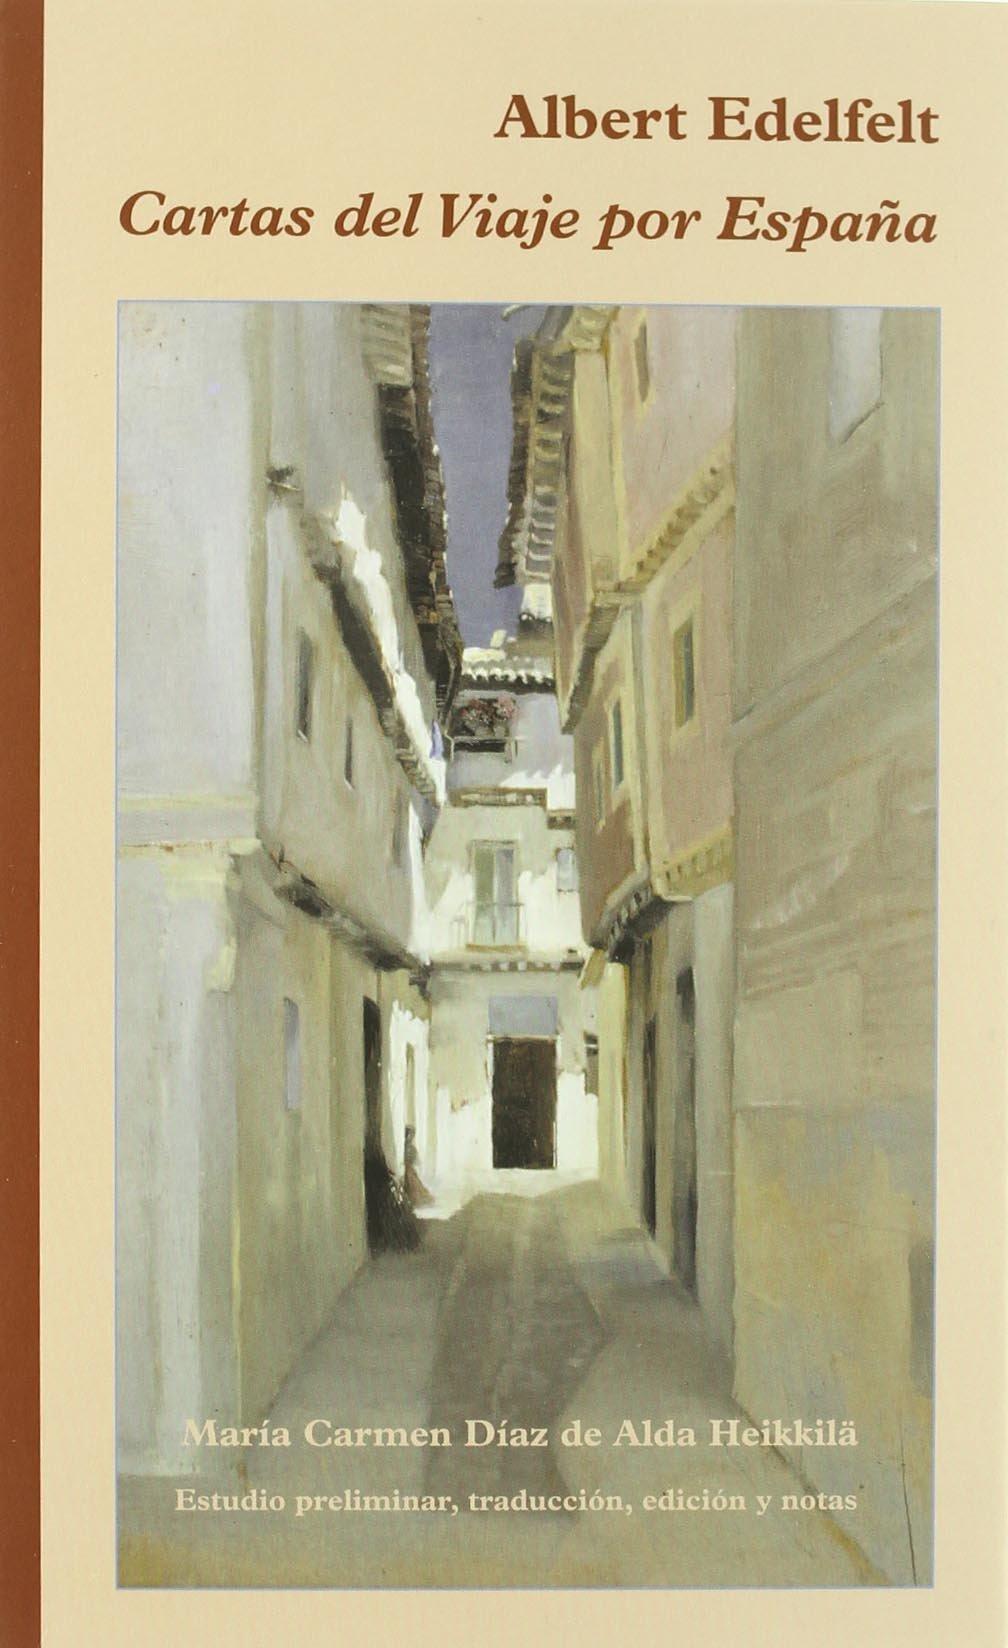 Cartas del Viaje por España: Amazon.es: Edelfelt, Albert, Díaz de Alda Heikkilä, María Carmen: Libros